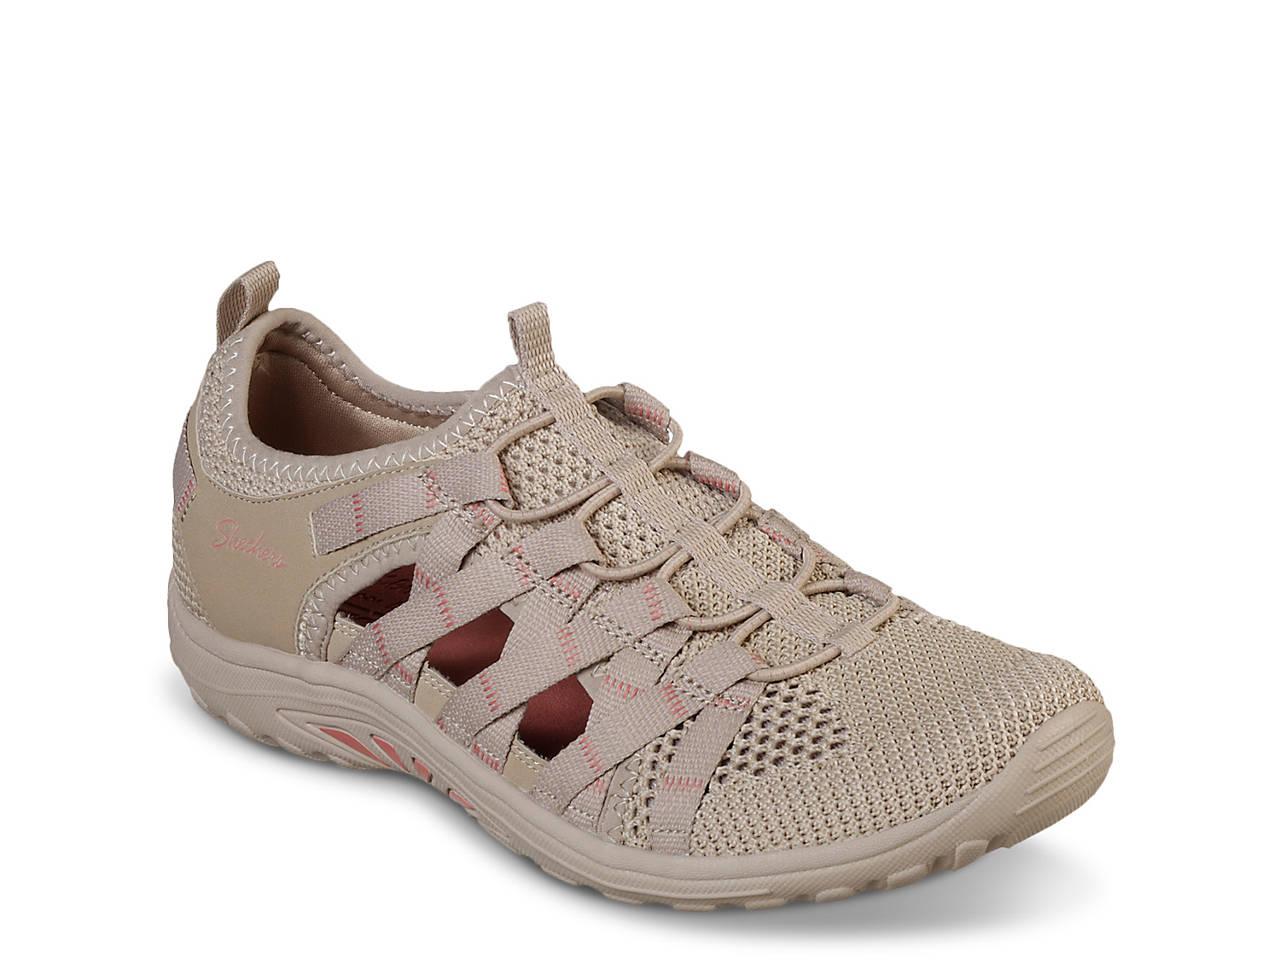 8eca55b376ba Skechers Neap Fisherman Sneaker Women s Shoes